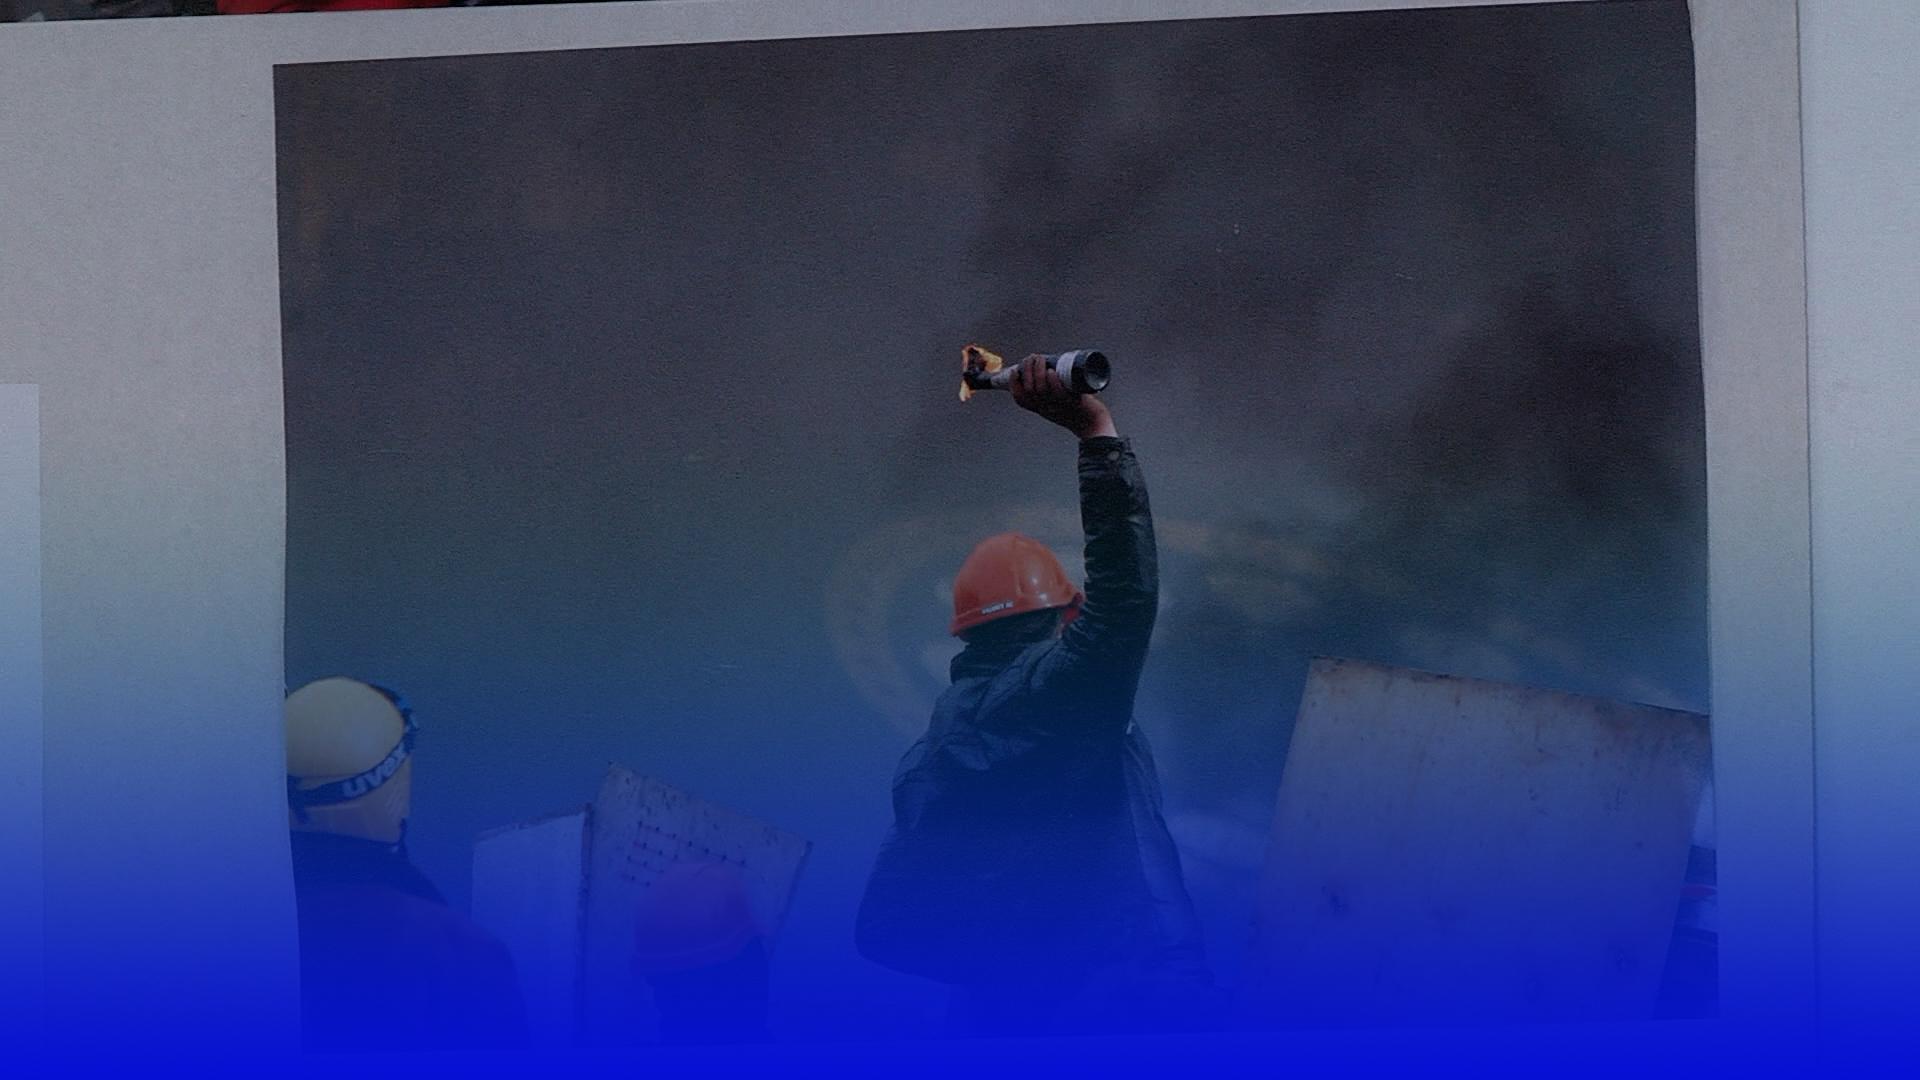 Відновлюють історію: у Тернополі збирають документи, які висвітлюють події Революції Гідності